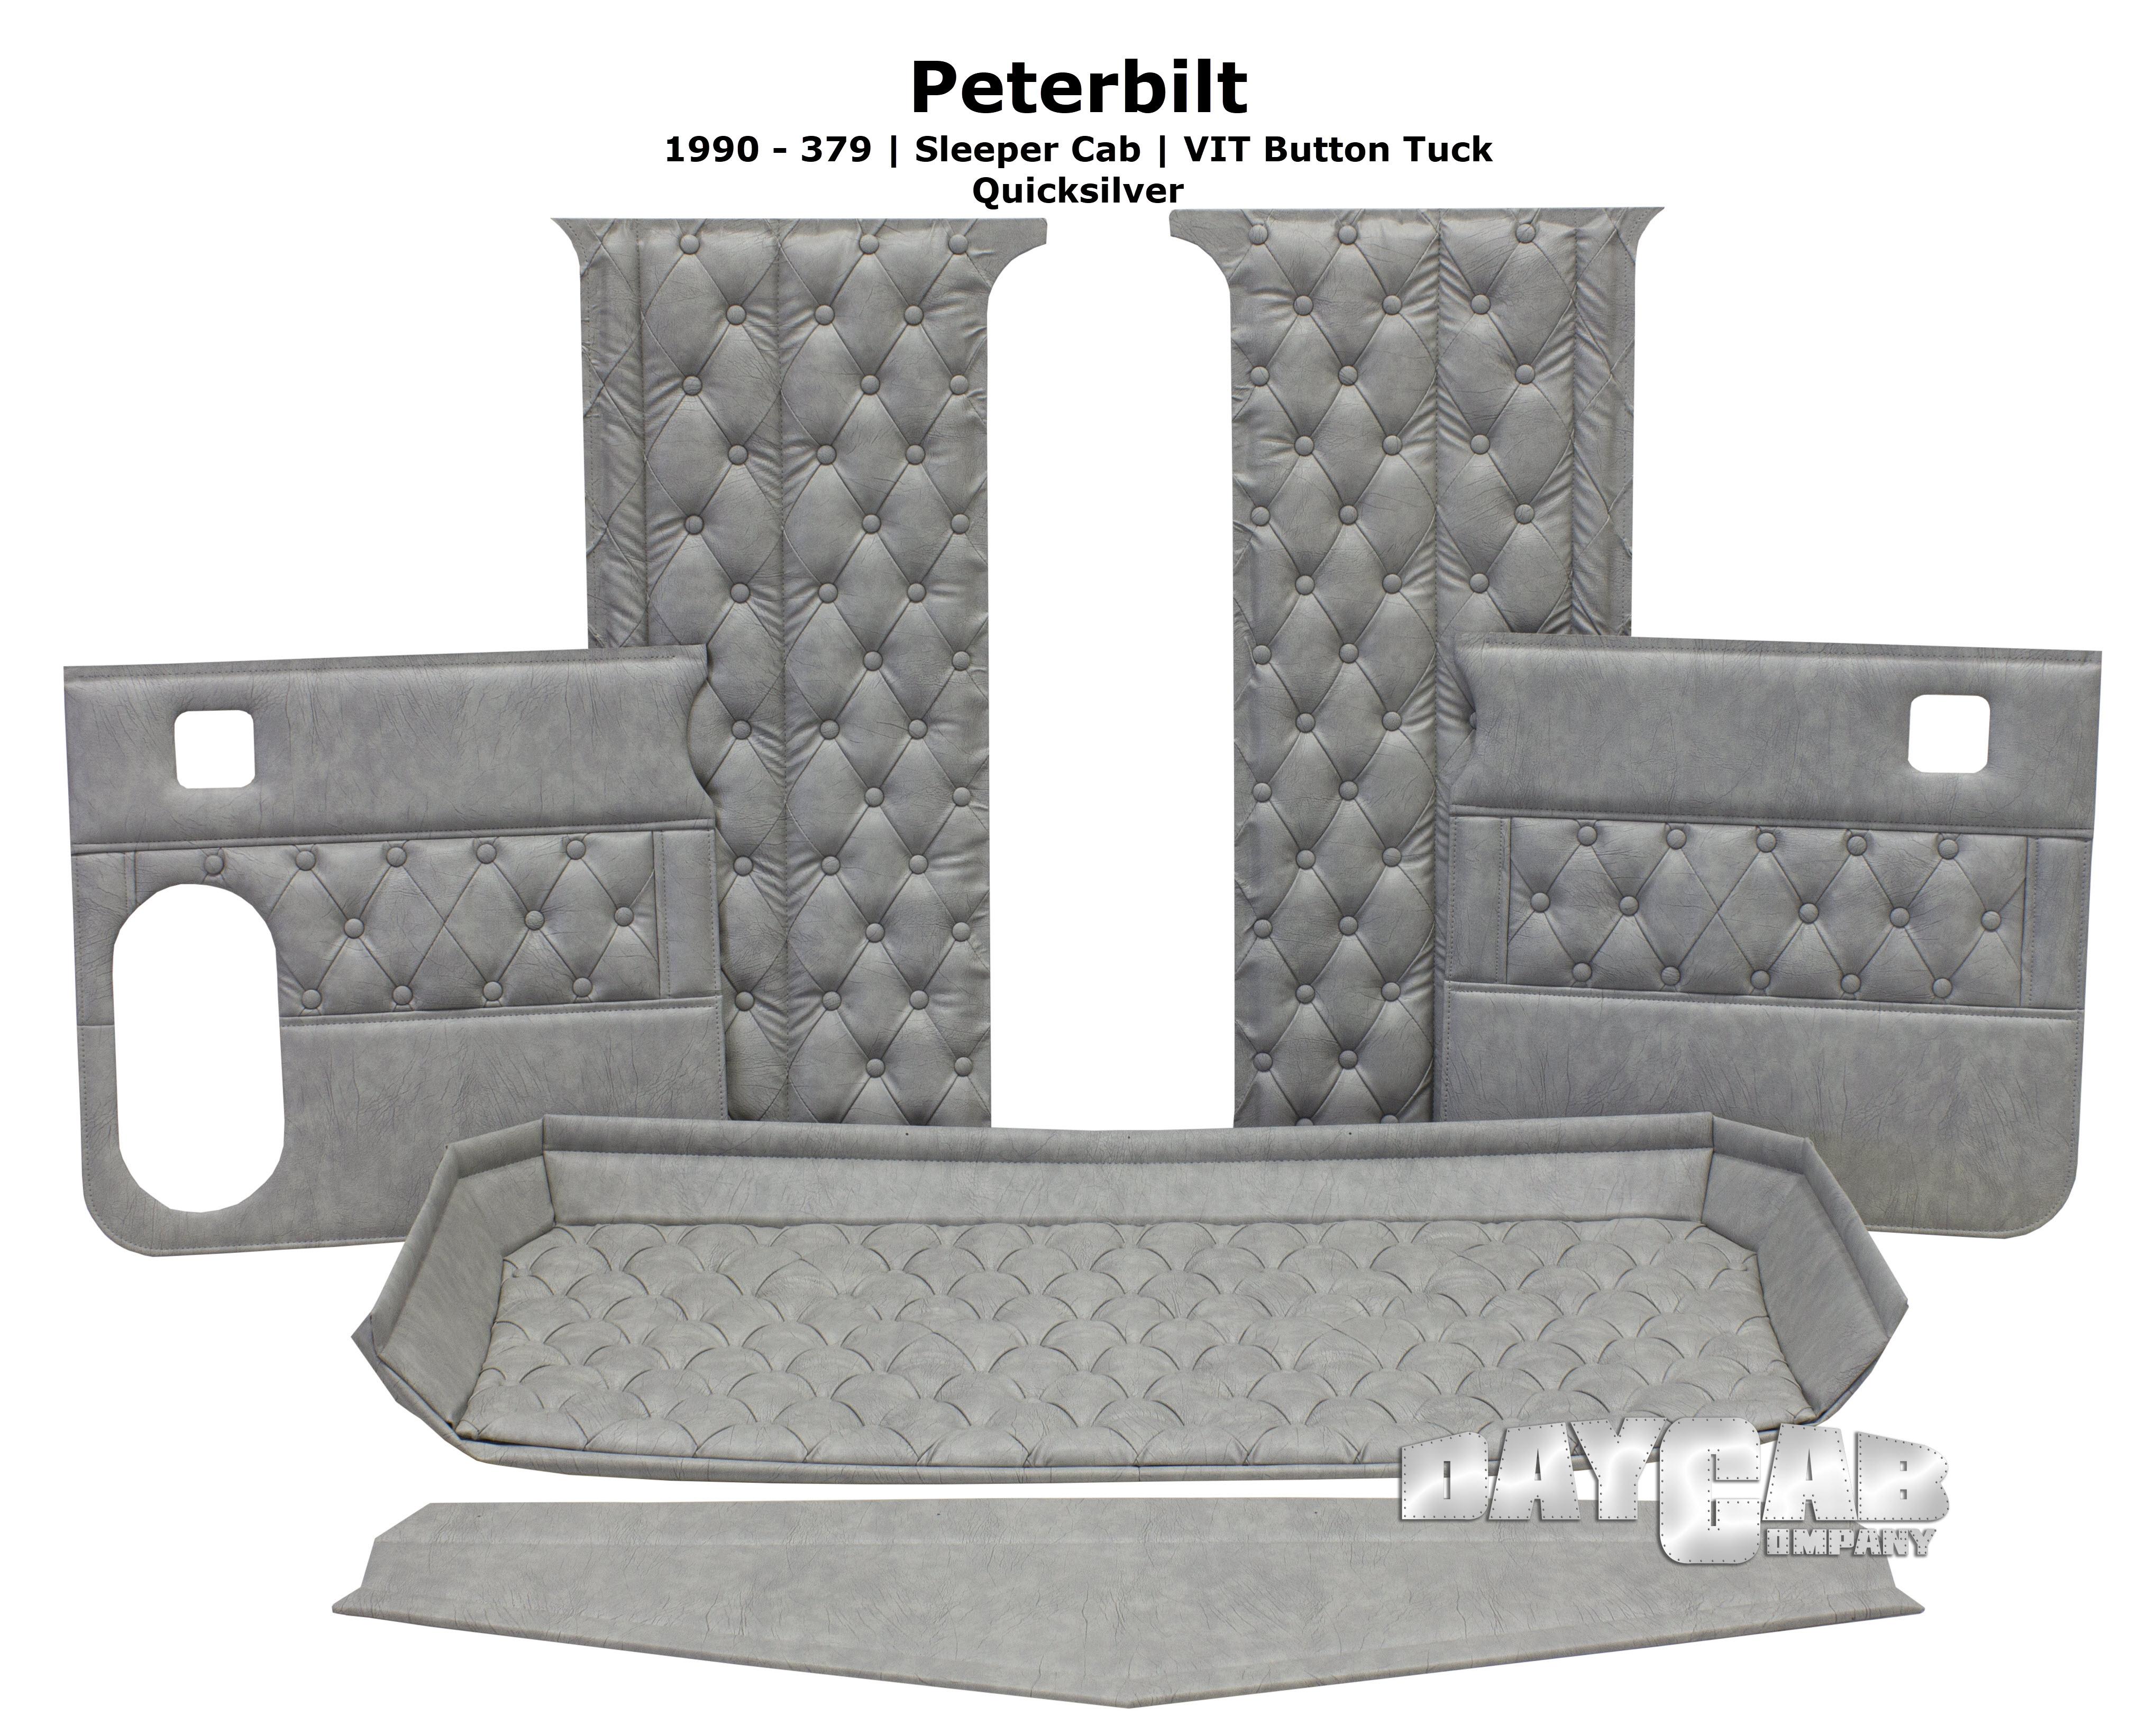 Peterbilt Interior 1990 379 Quicksilver